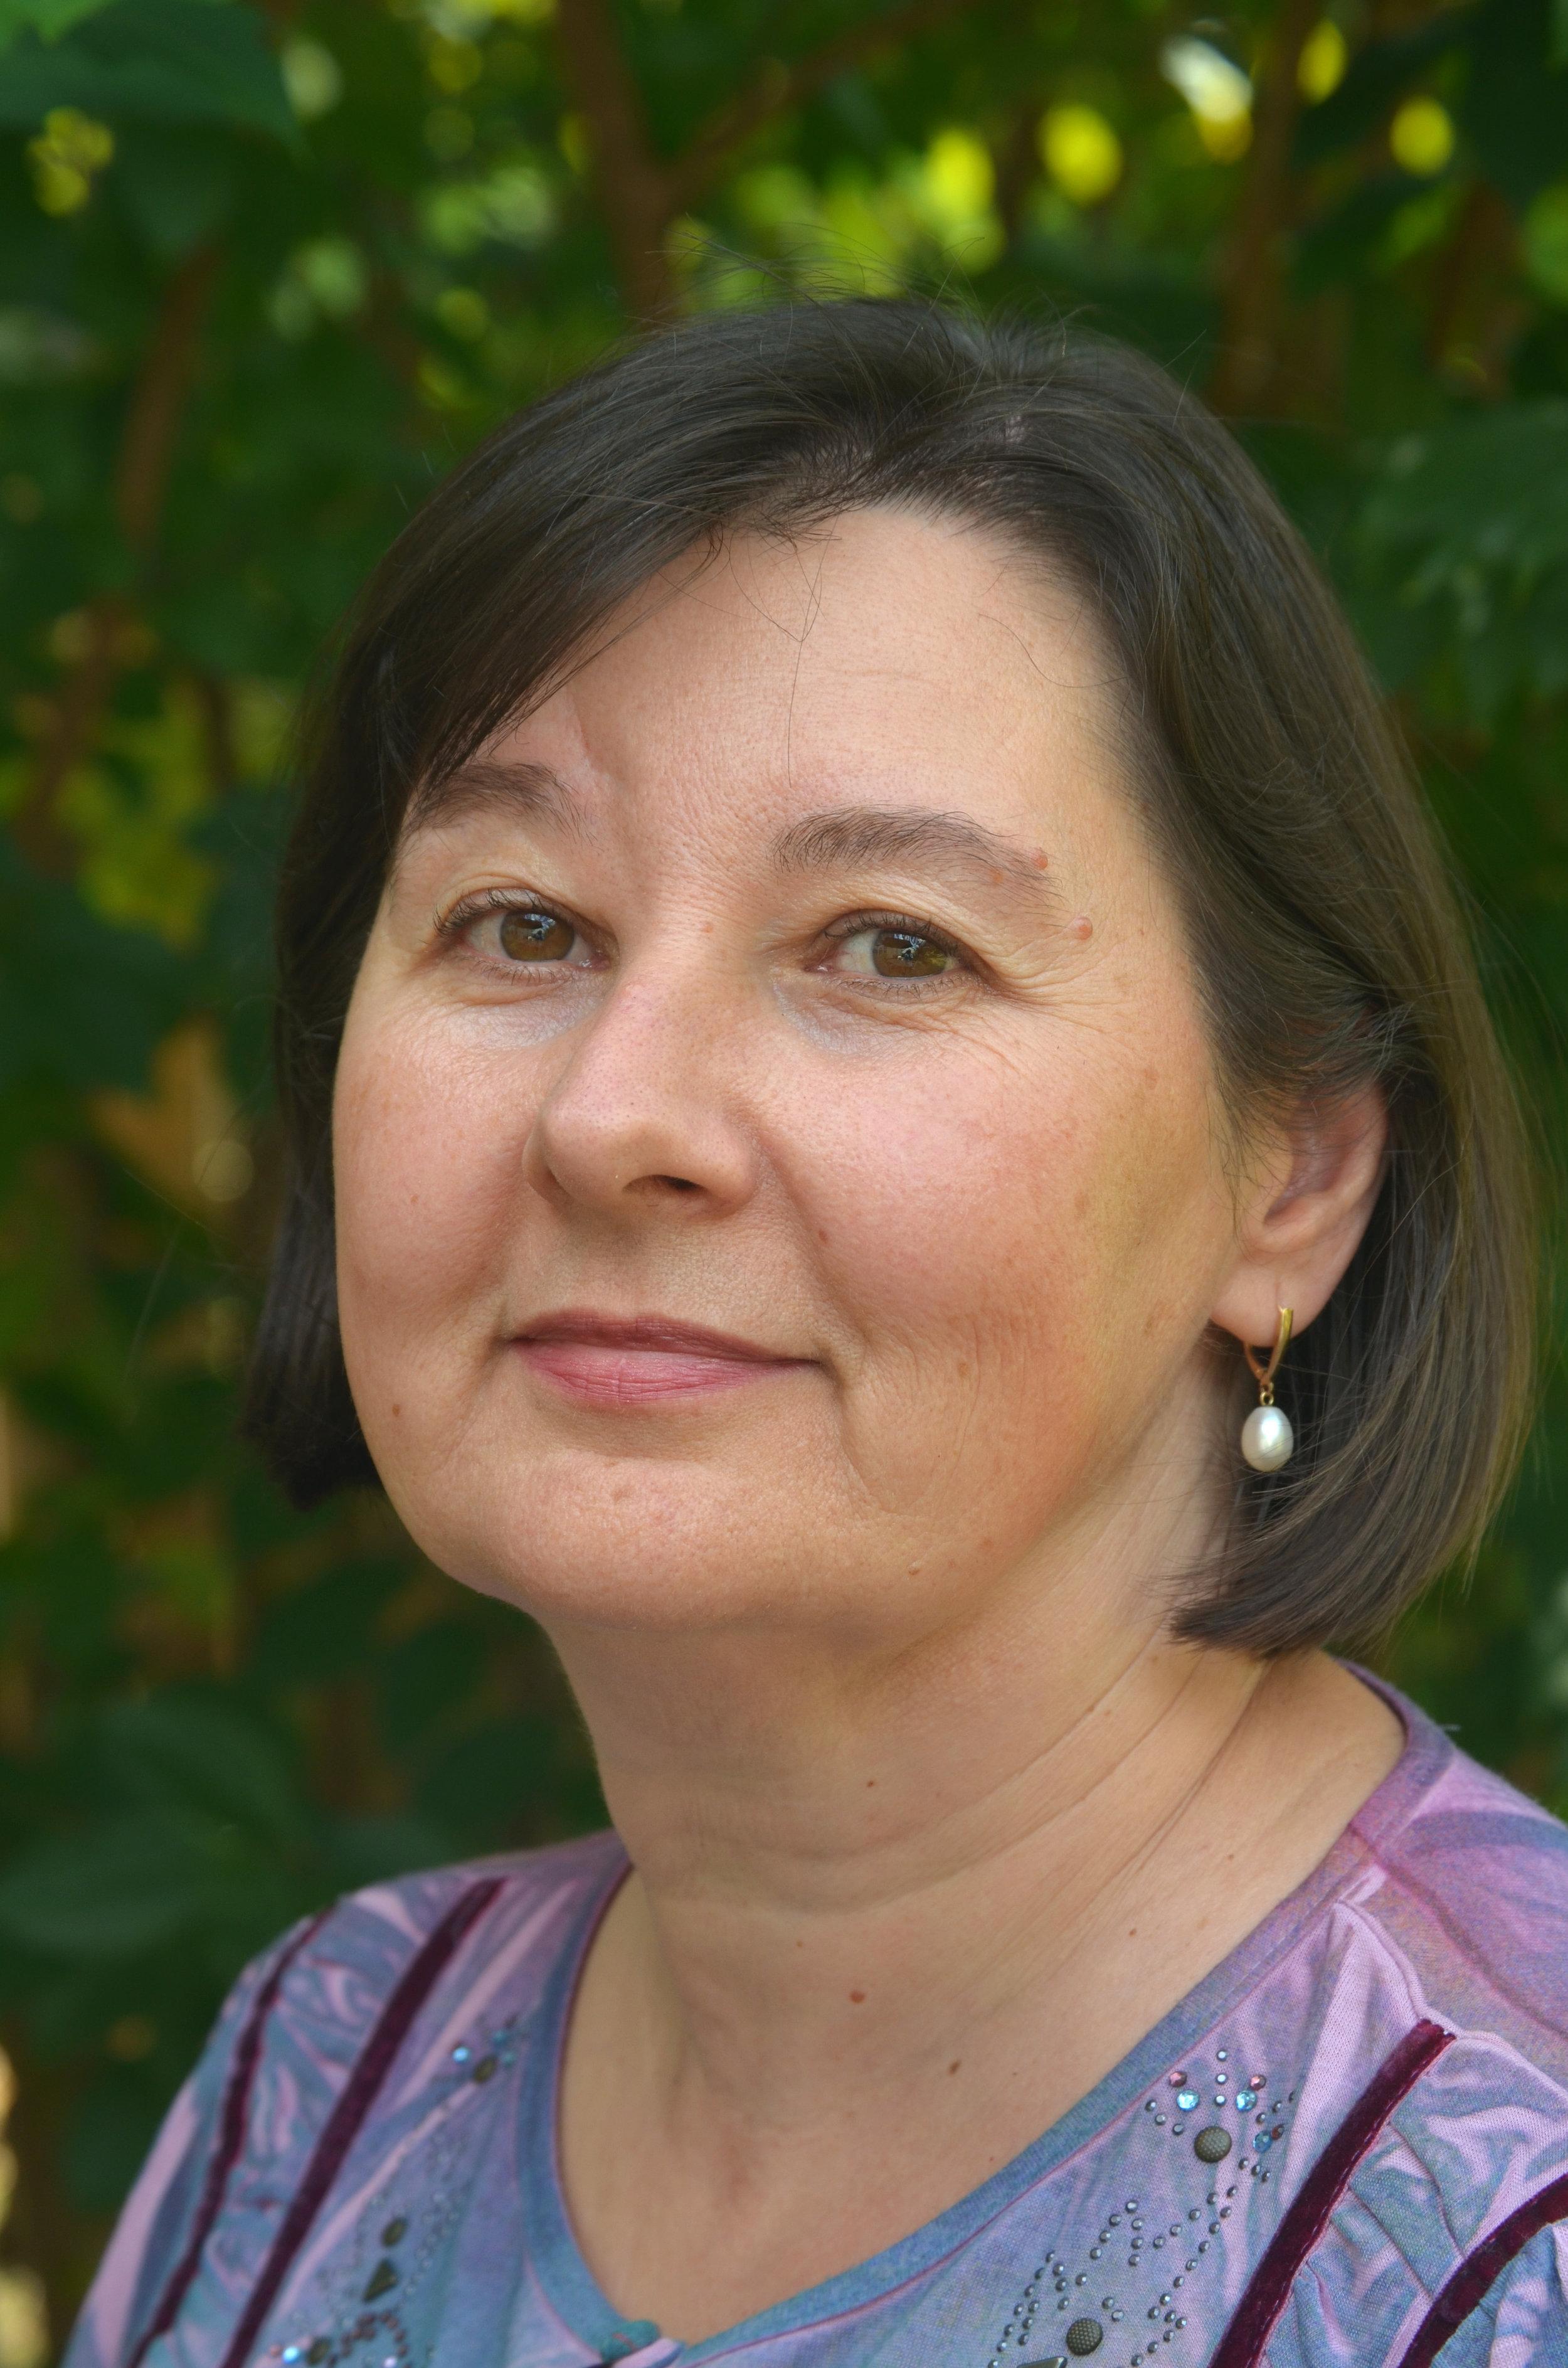 Simona Rusu, viola